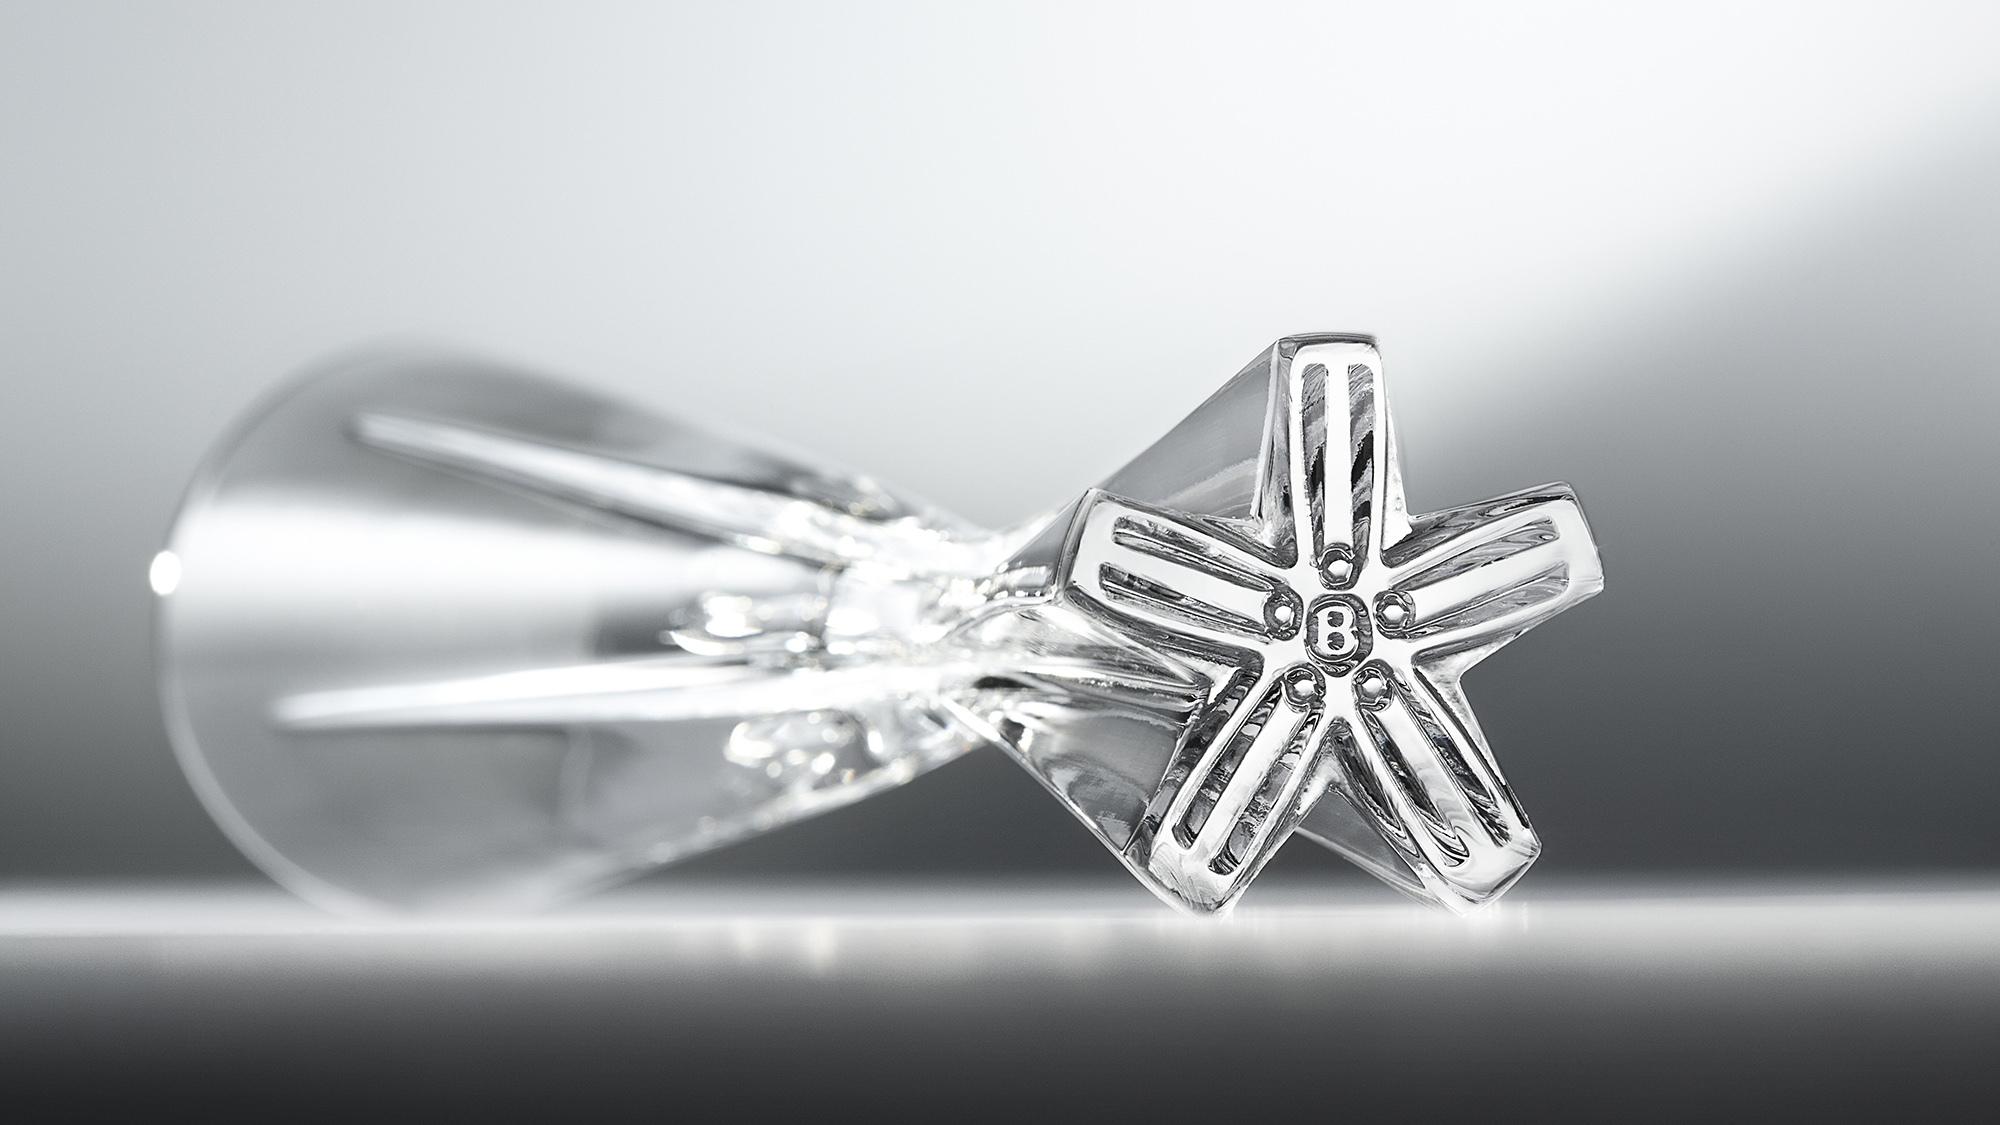 David Redman Champagne Flute For Bentley Mulliner